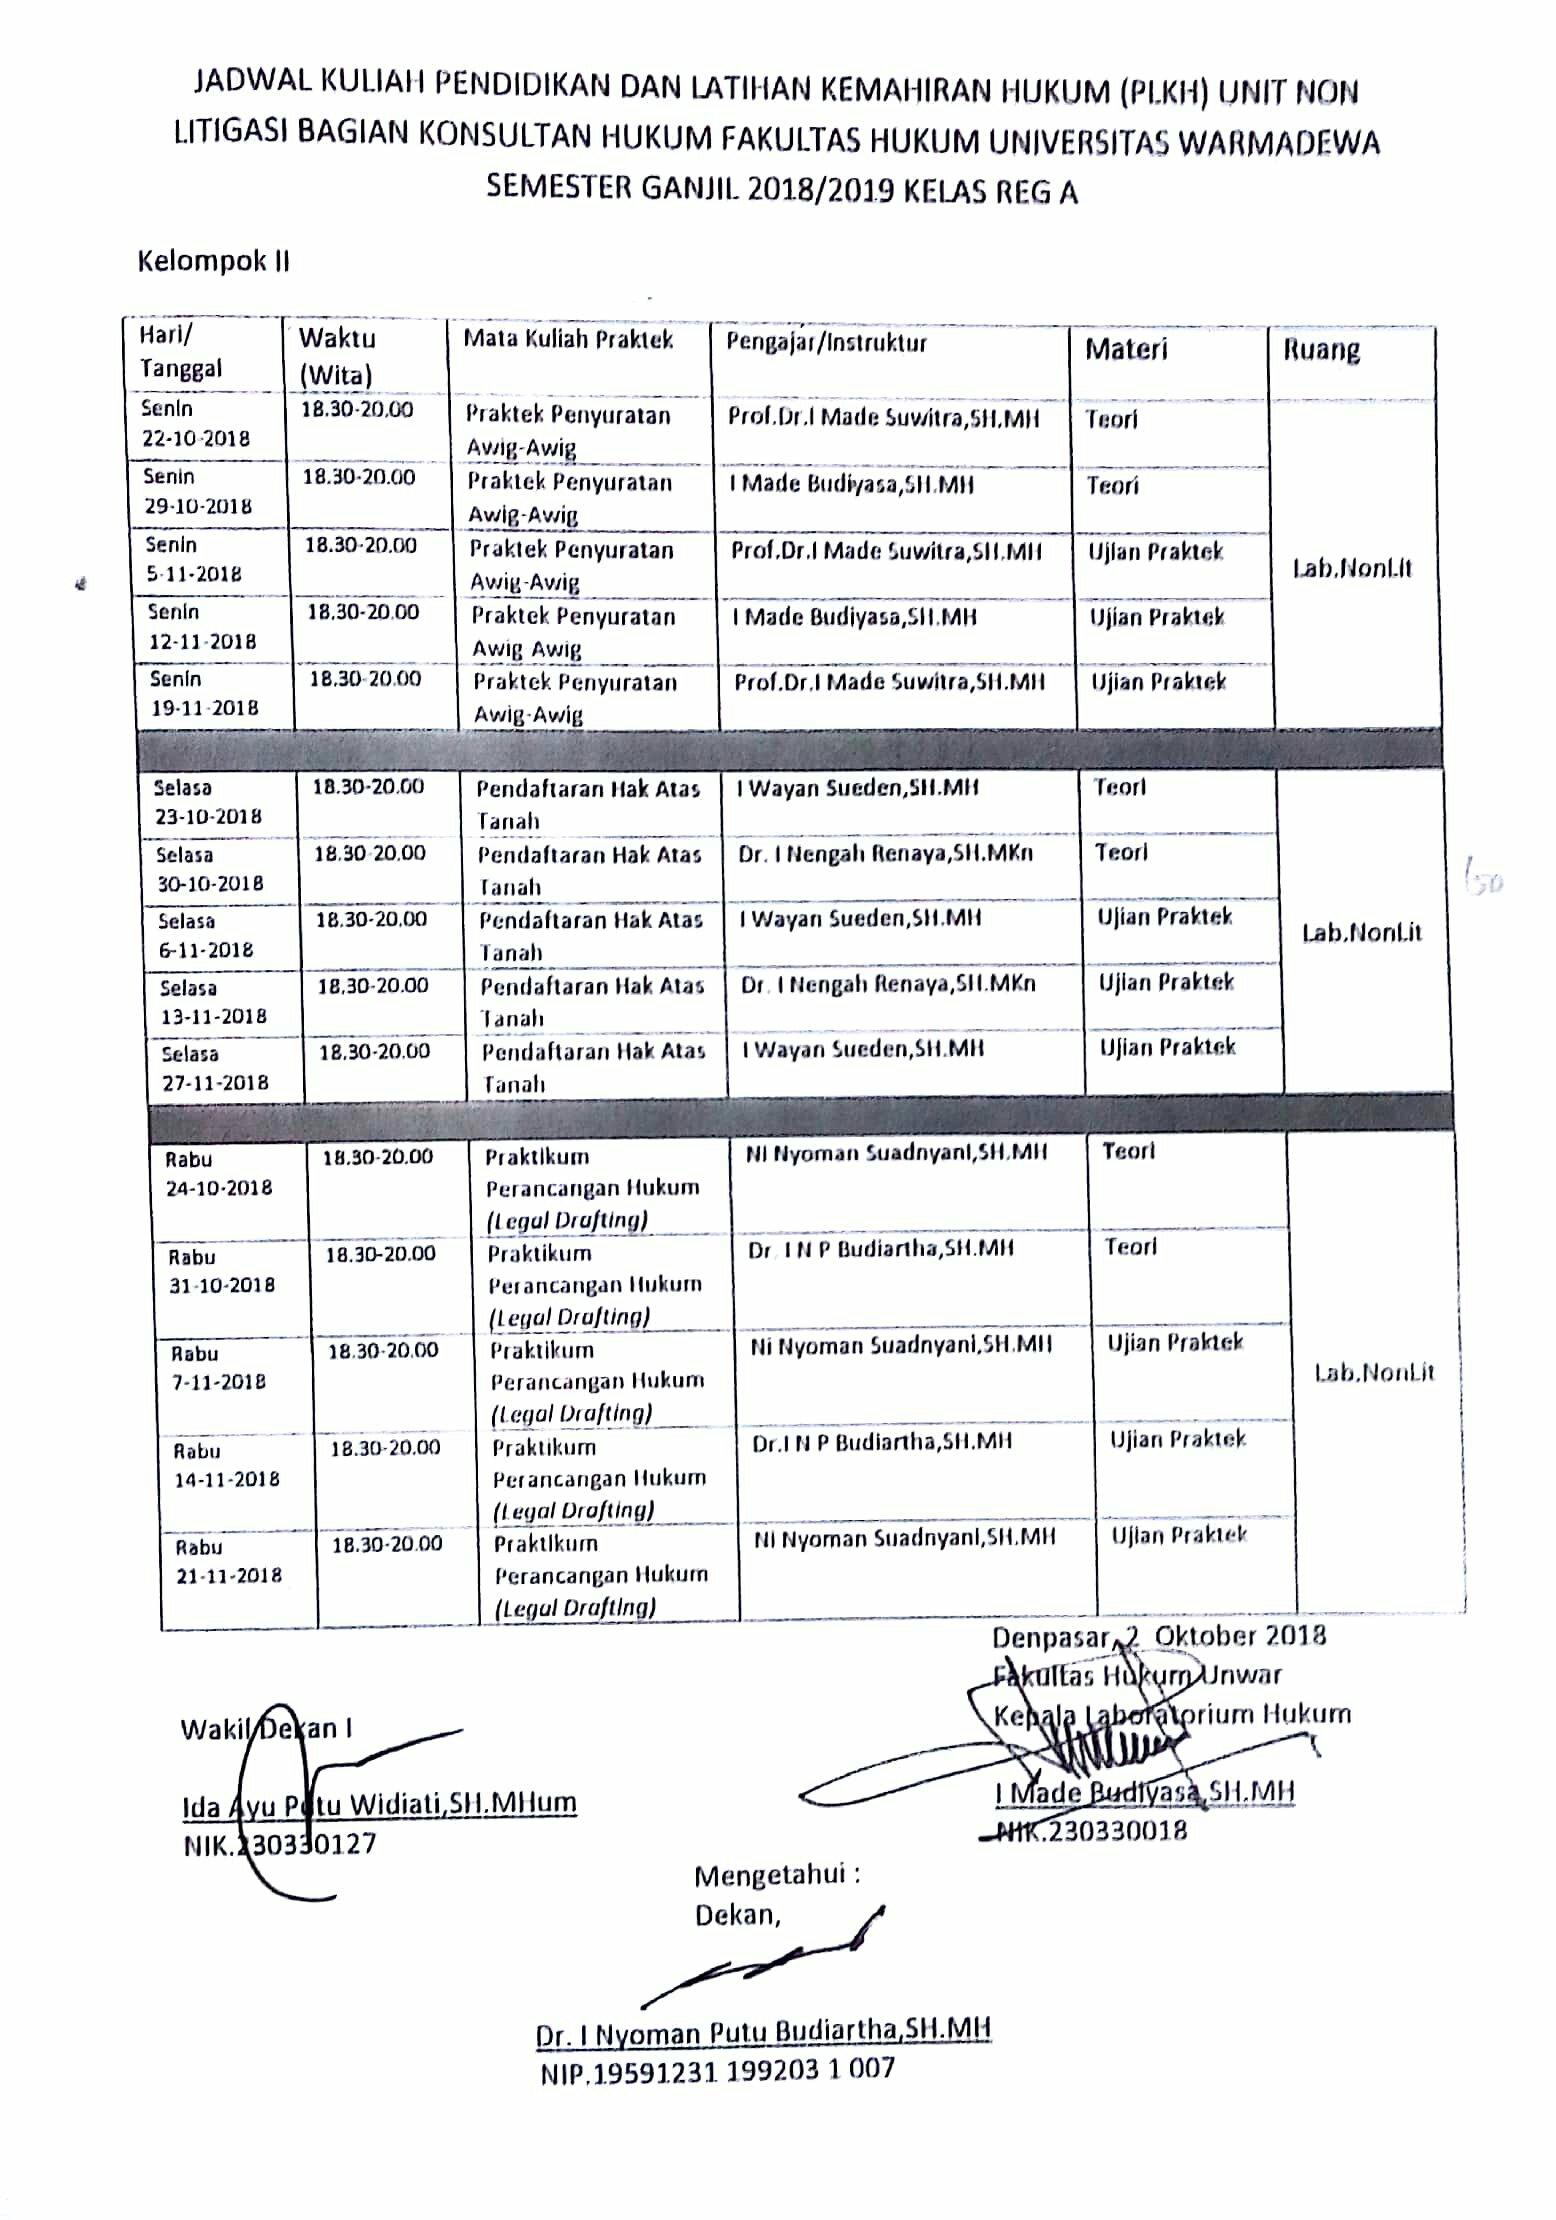 Jadwal Kuliah Pendidikan dan Latihan Kemahiran Hukum (PLKH) Unit Non Litigasi Bagian Konsultan Hukum Fakultas Hukum Universitas Warmadewa Semester Ganjil 2018/2019 Kelas Reg A